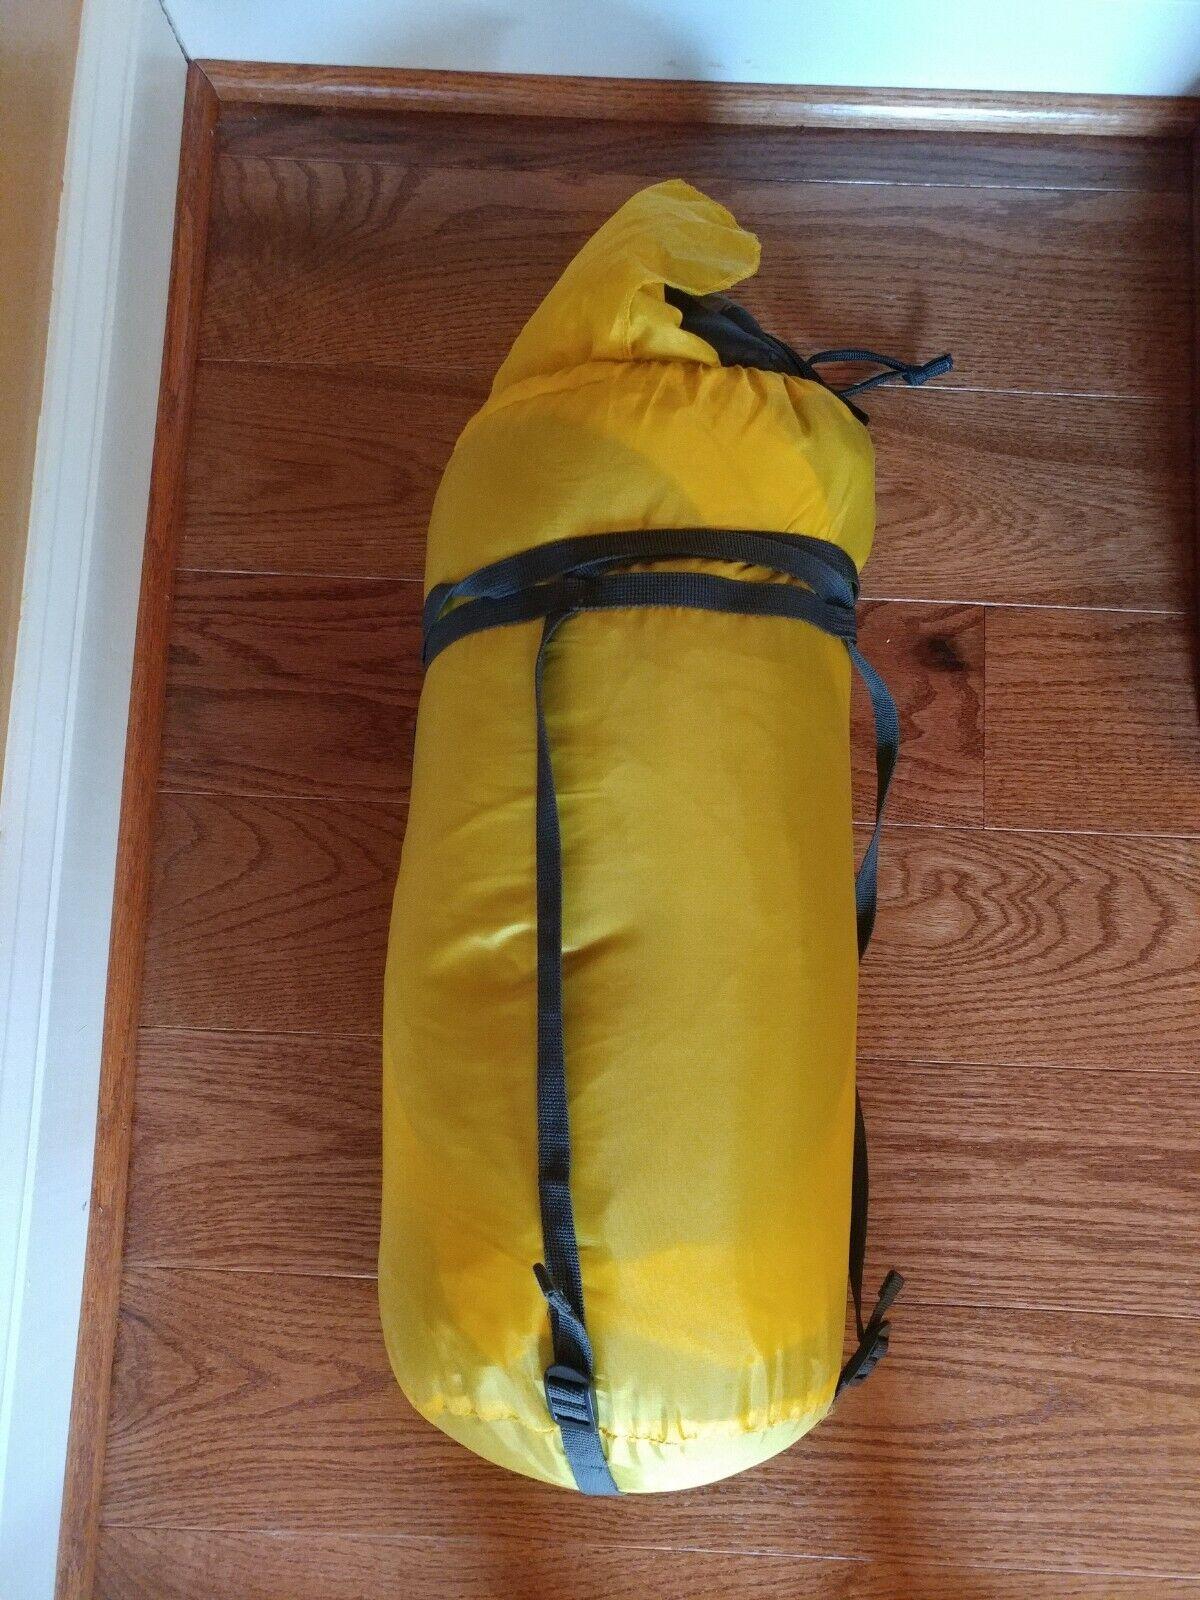 Alps Mountaineering Altitude (0 degree) Zero Degree Down Sleeping Bag.